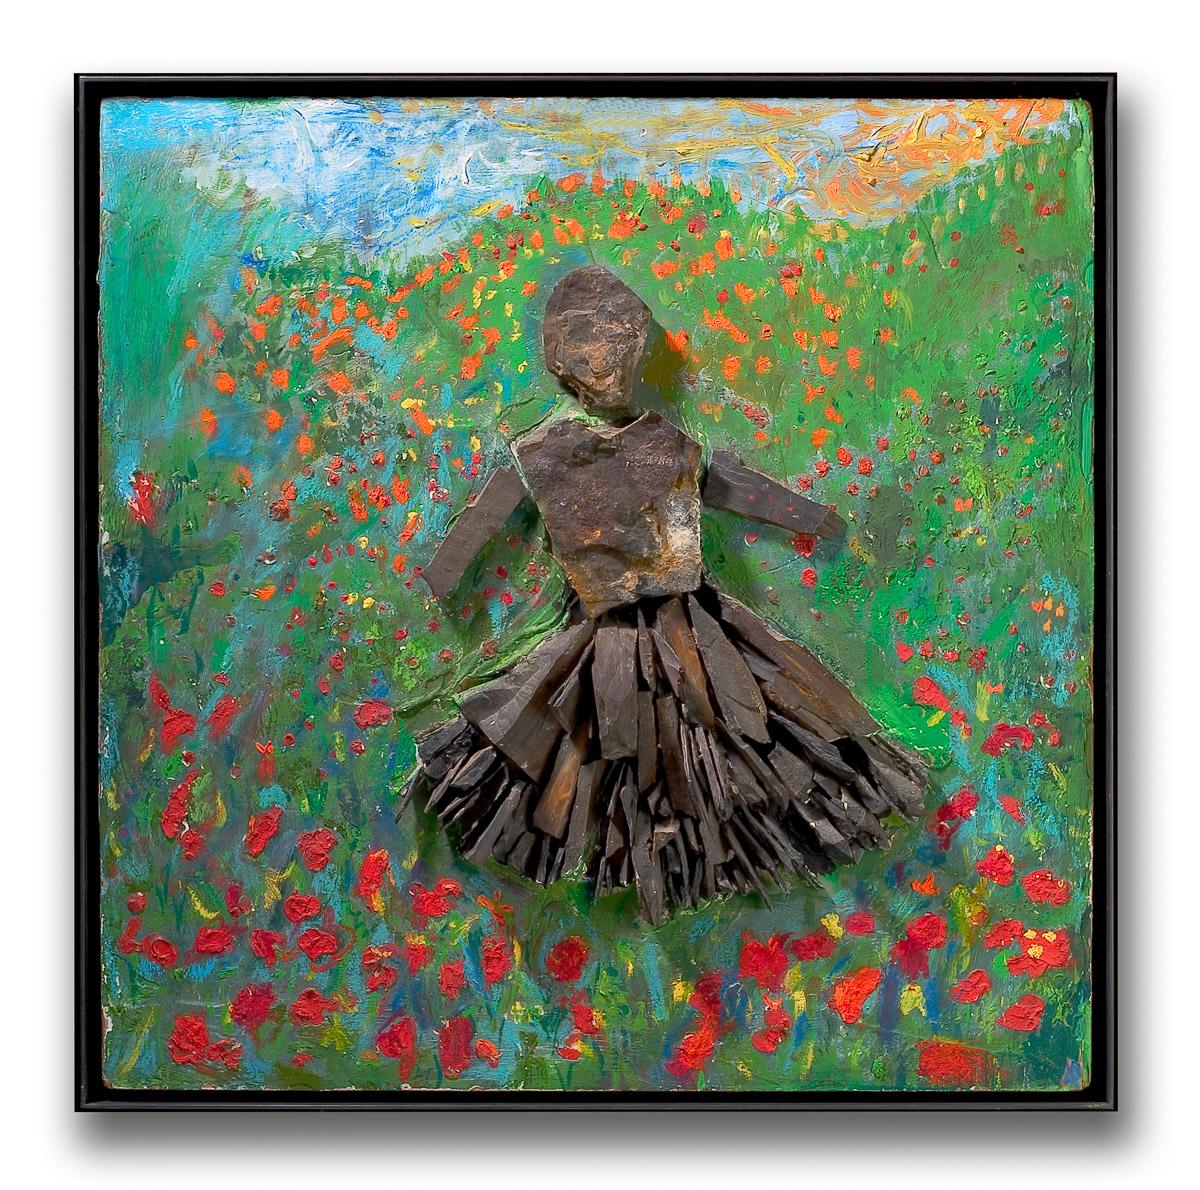 Mosaic Art by: Tiffany Sedaris